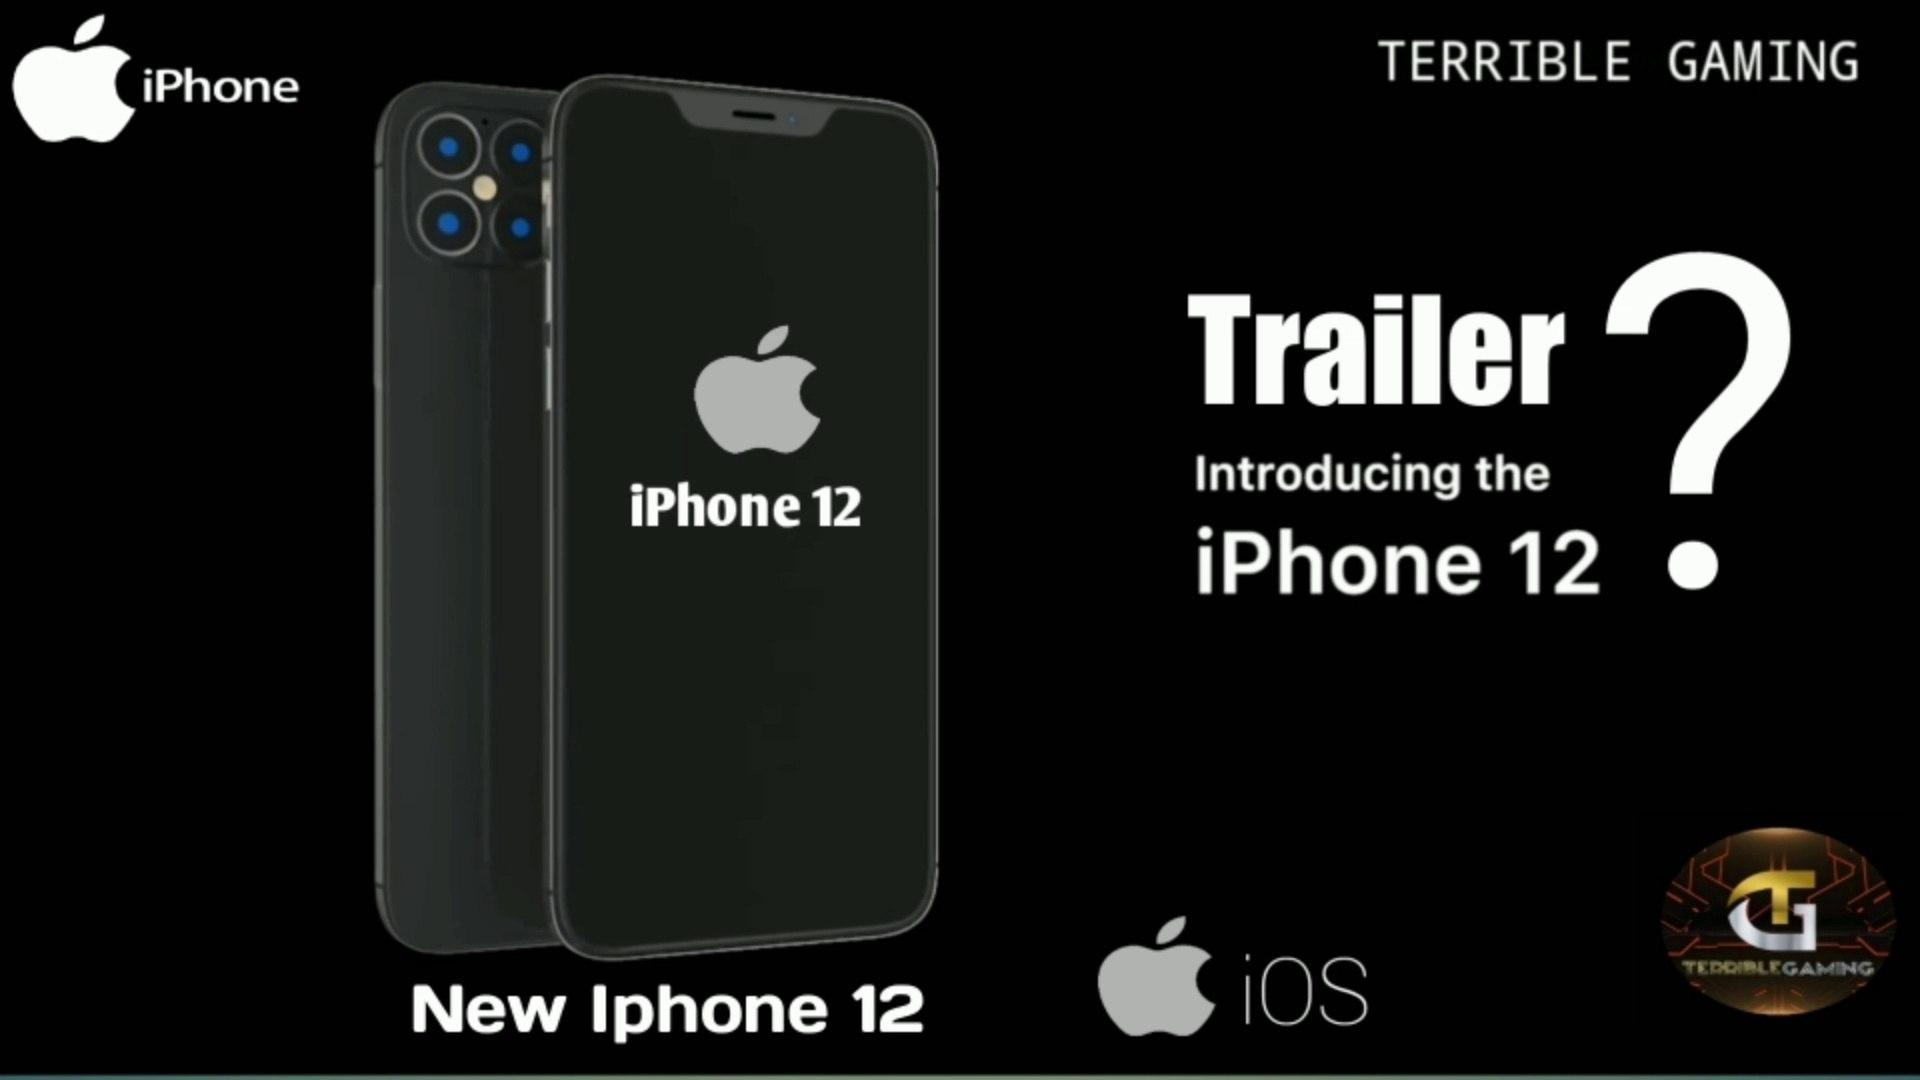 Iphone 12 Trailer || Iphone 12